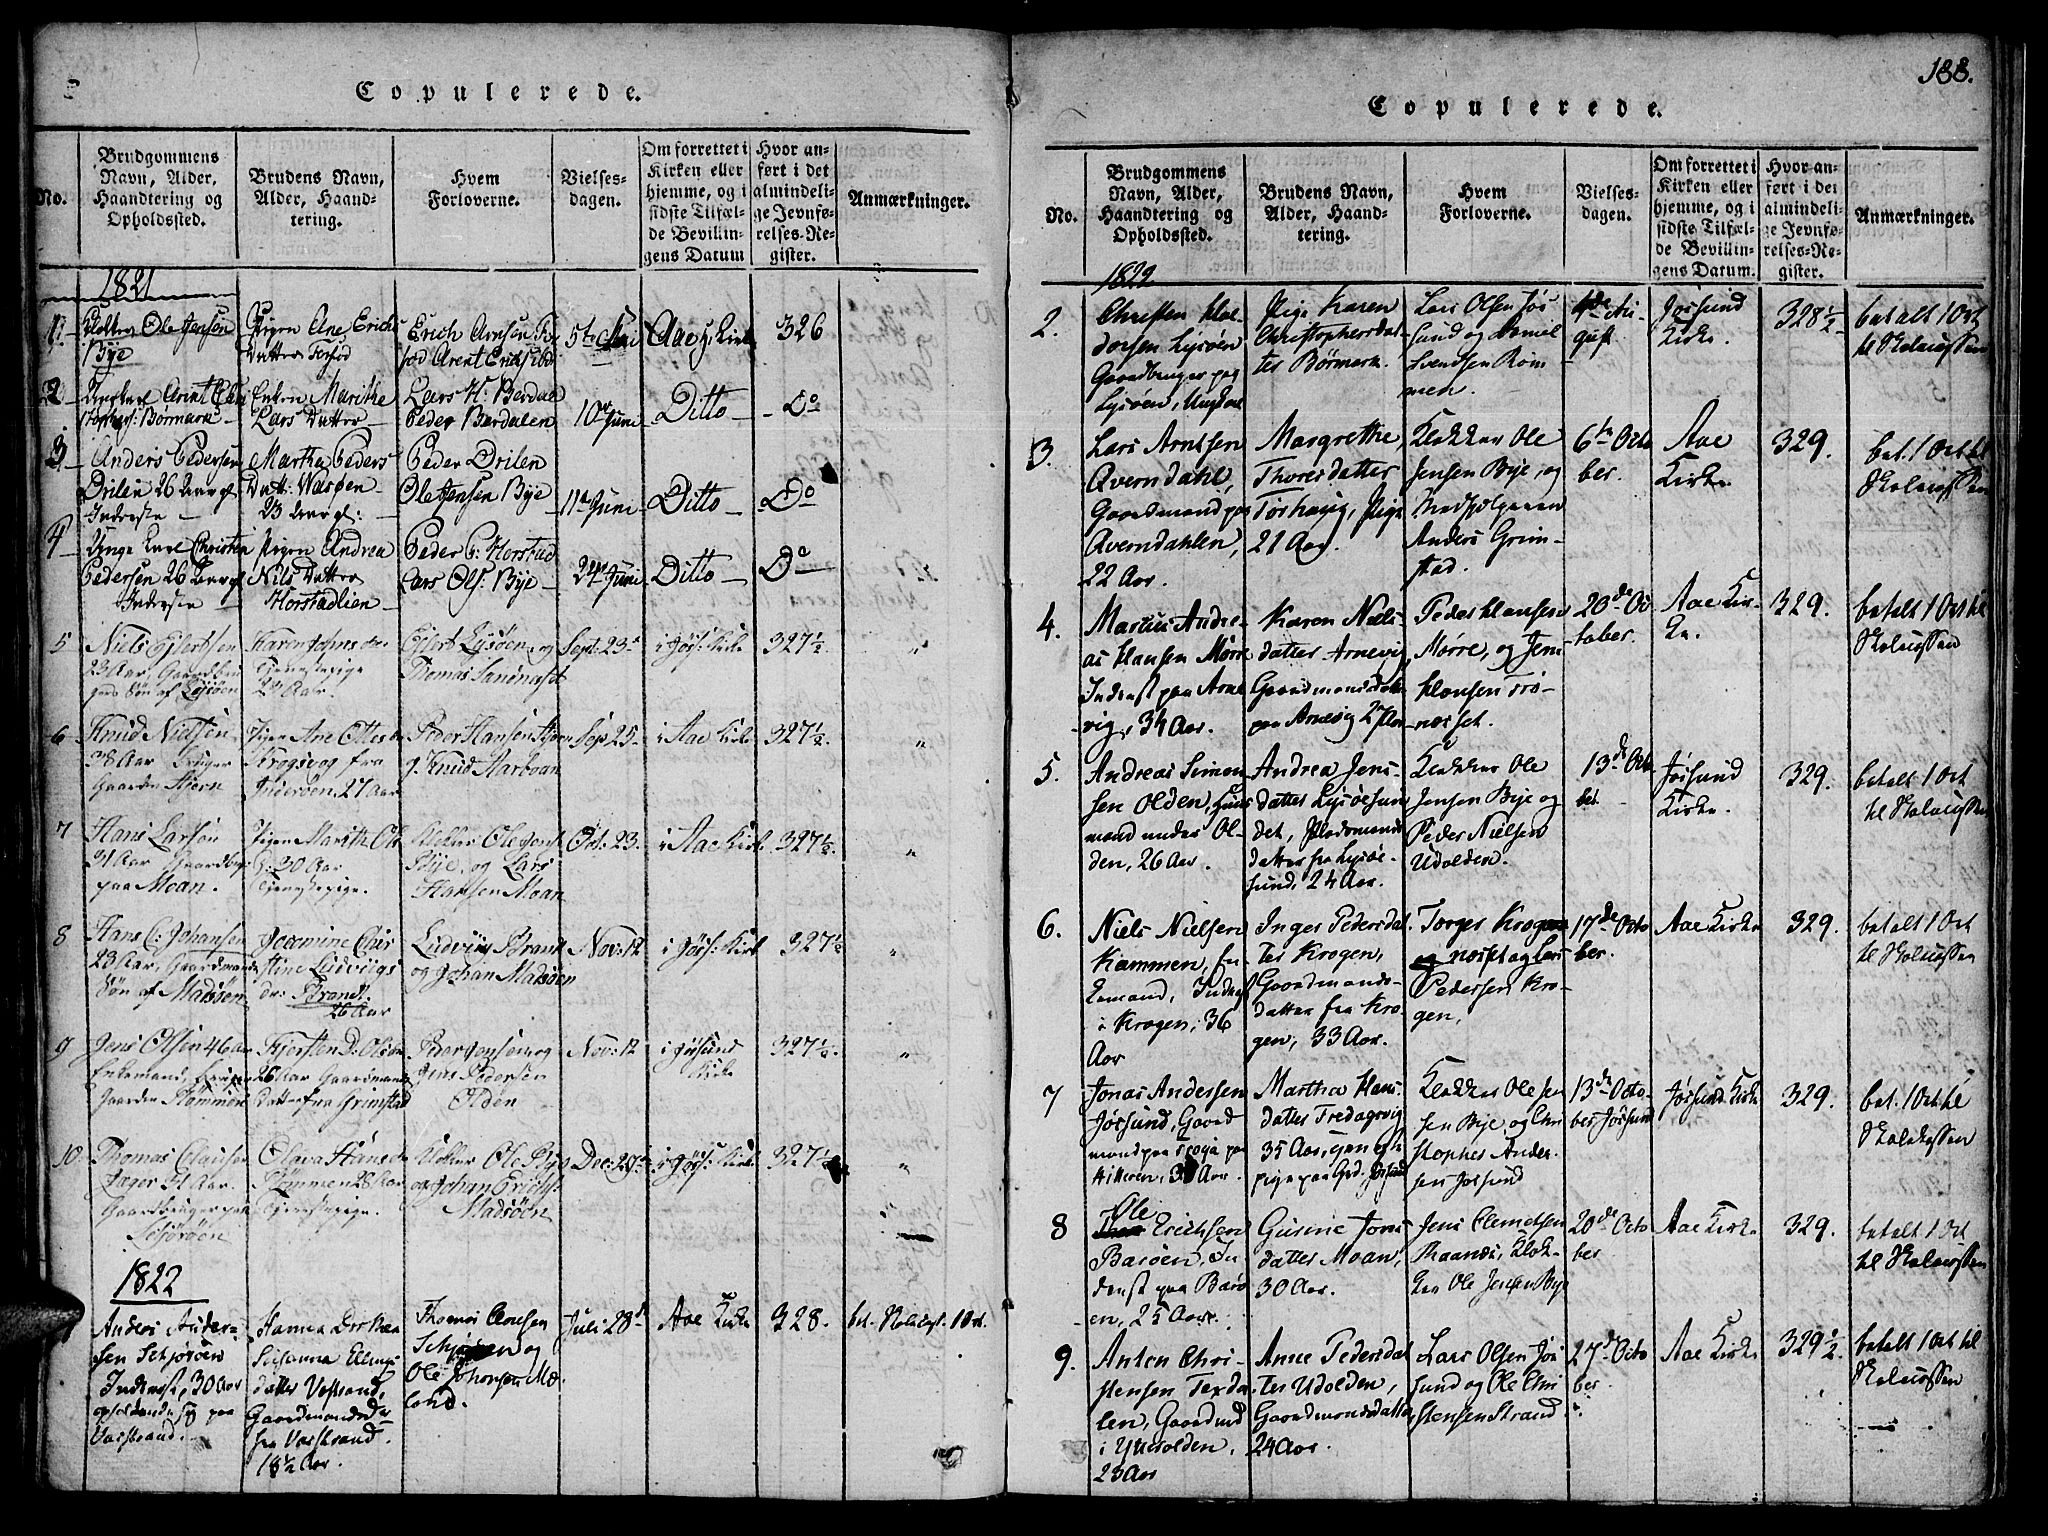 SAT, Ministerialprotokoller, klokkerbøker og fødselsregistre - Sør-Trøndelag, 655/L0675: Ministerialbok nr. 655A04, 1818-1830, s. 188